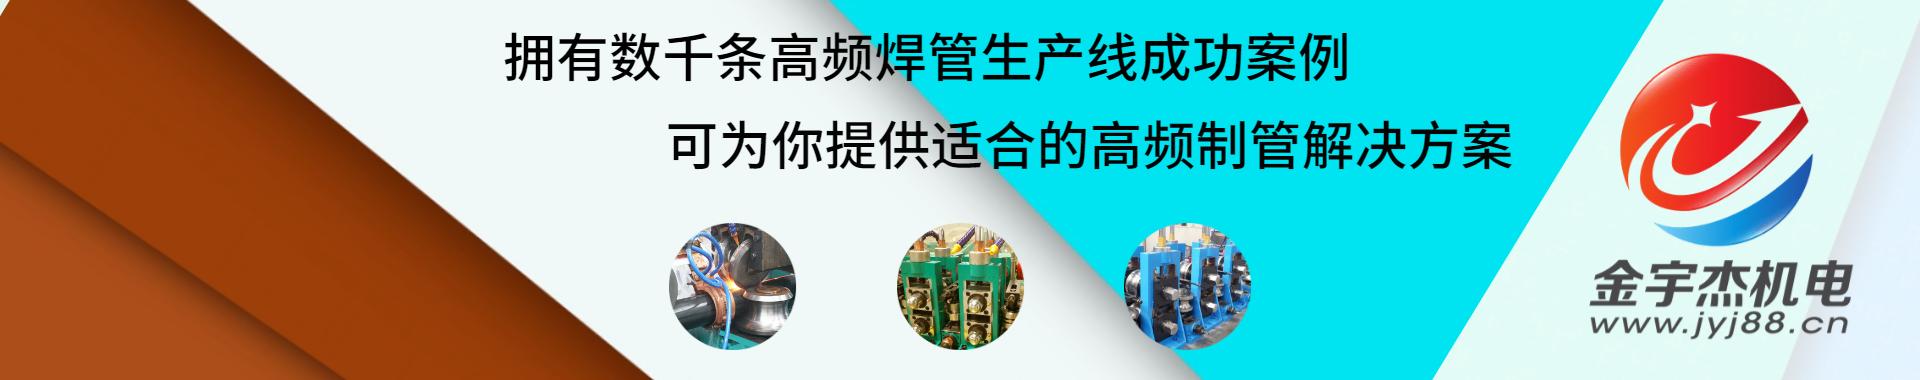 金宇杰二手焊管机组,二手方管机,二手焊管生产线